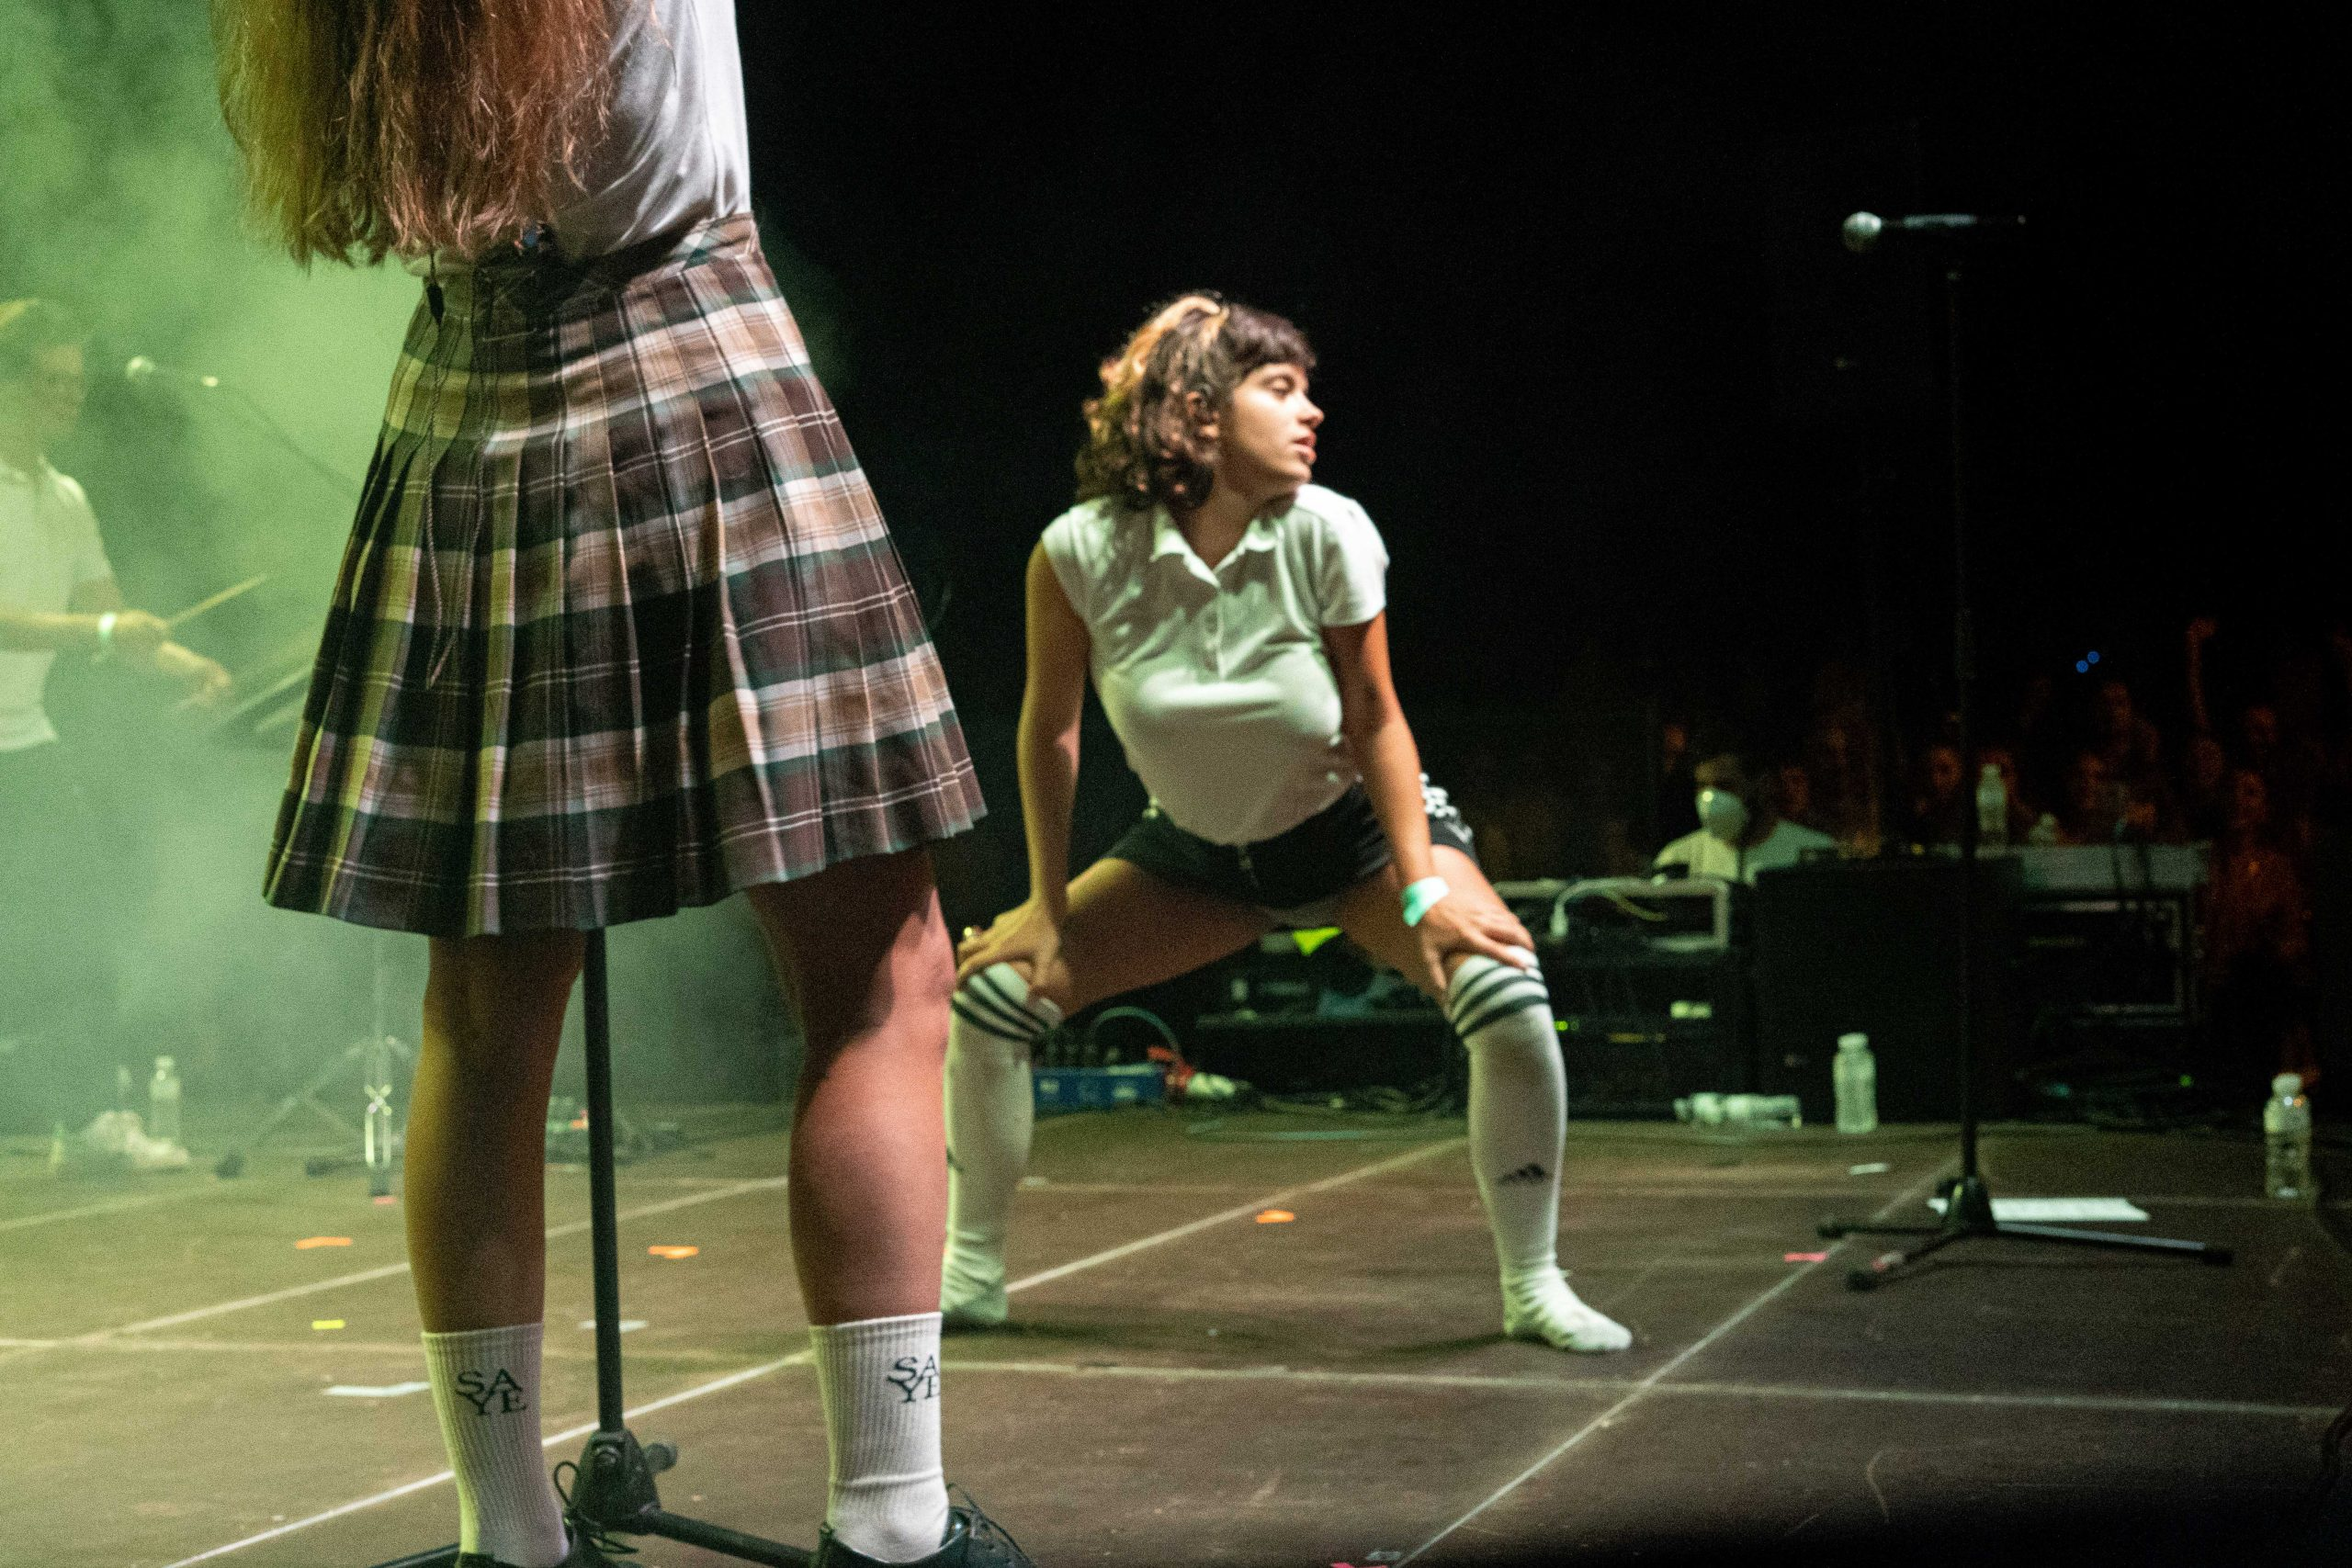 Corista de Rigoberta Bandini bailando en el escenario en su actuación durante el MAF2021.